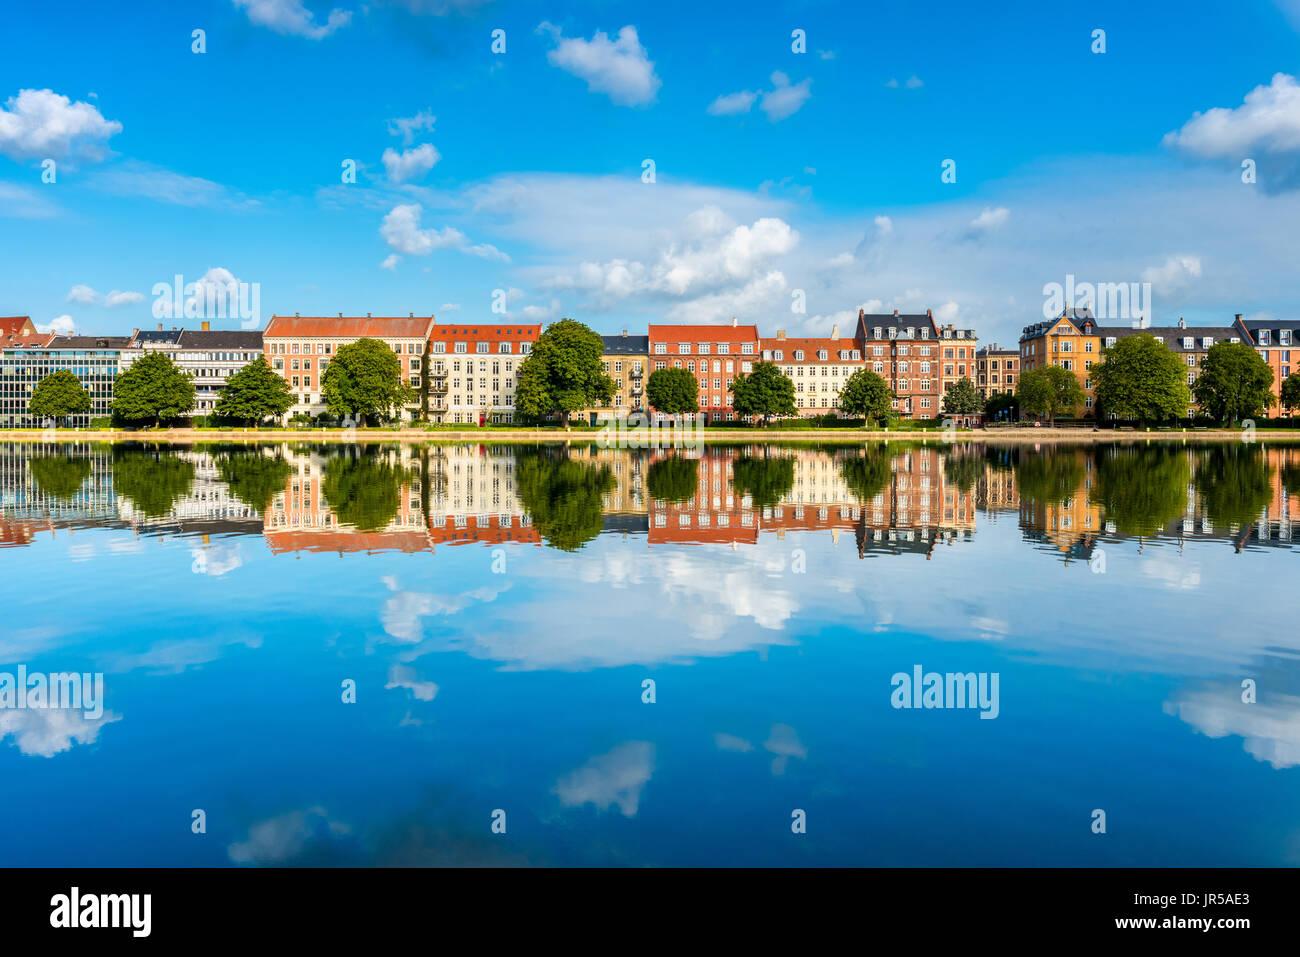 Las casas a lo largo de río en el centro de Distrito de Copenhague Dinamarca Imagen De Stock